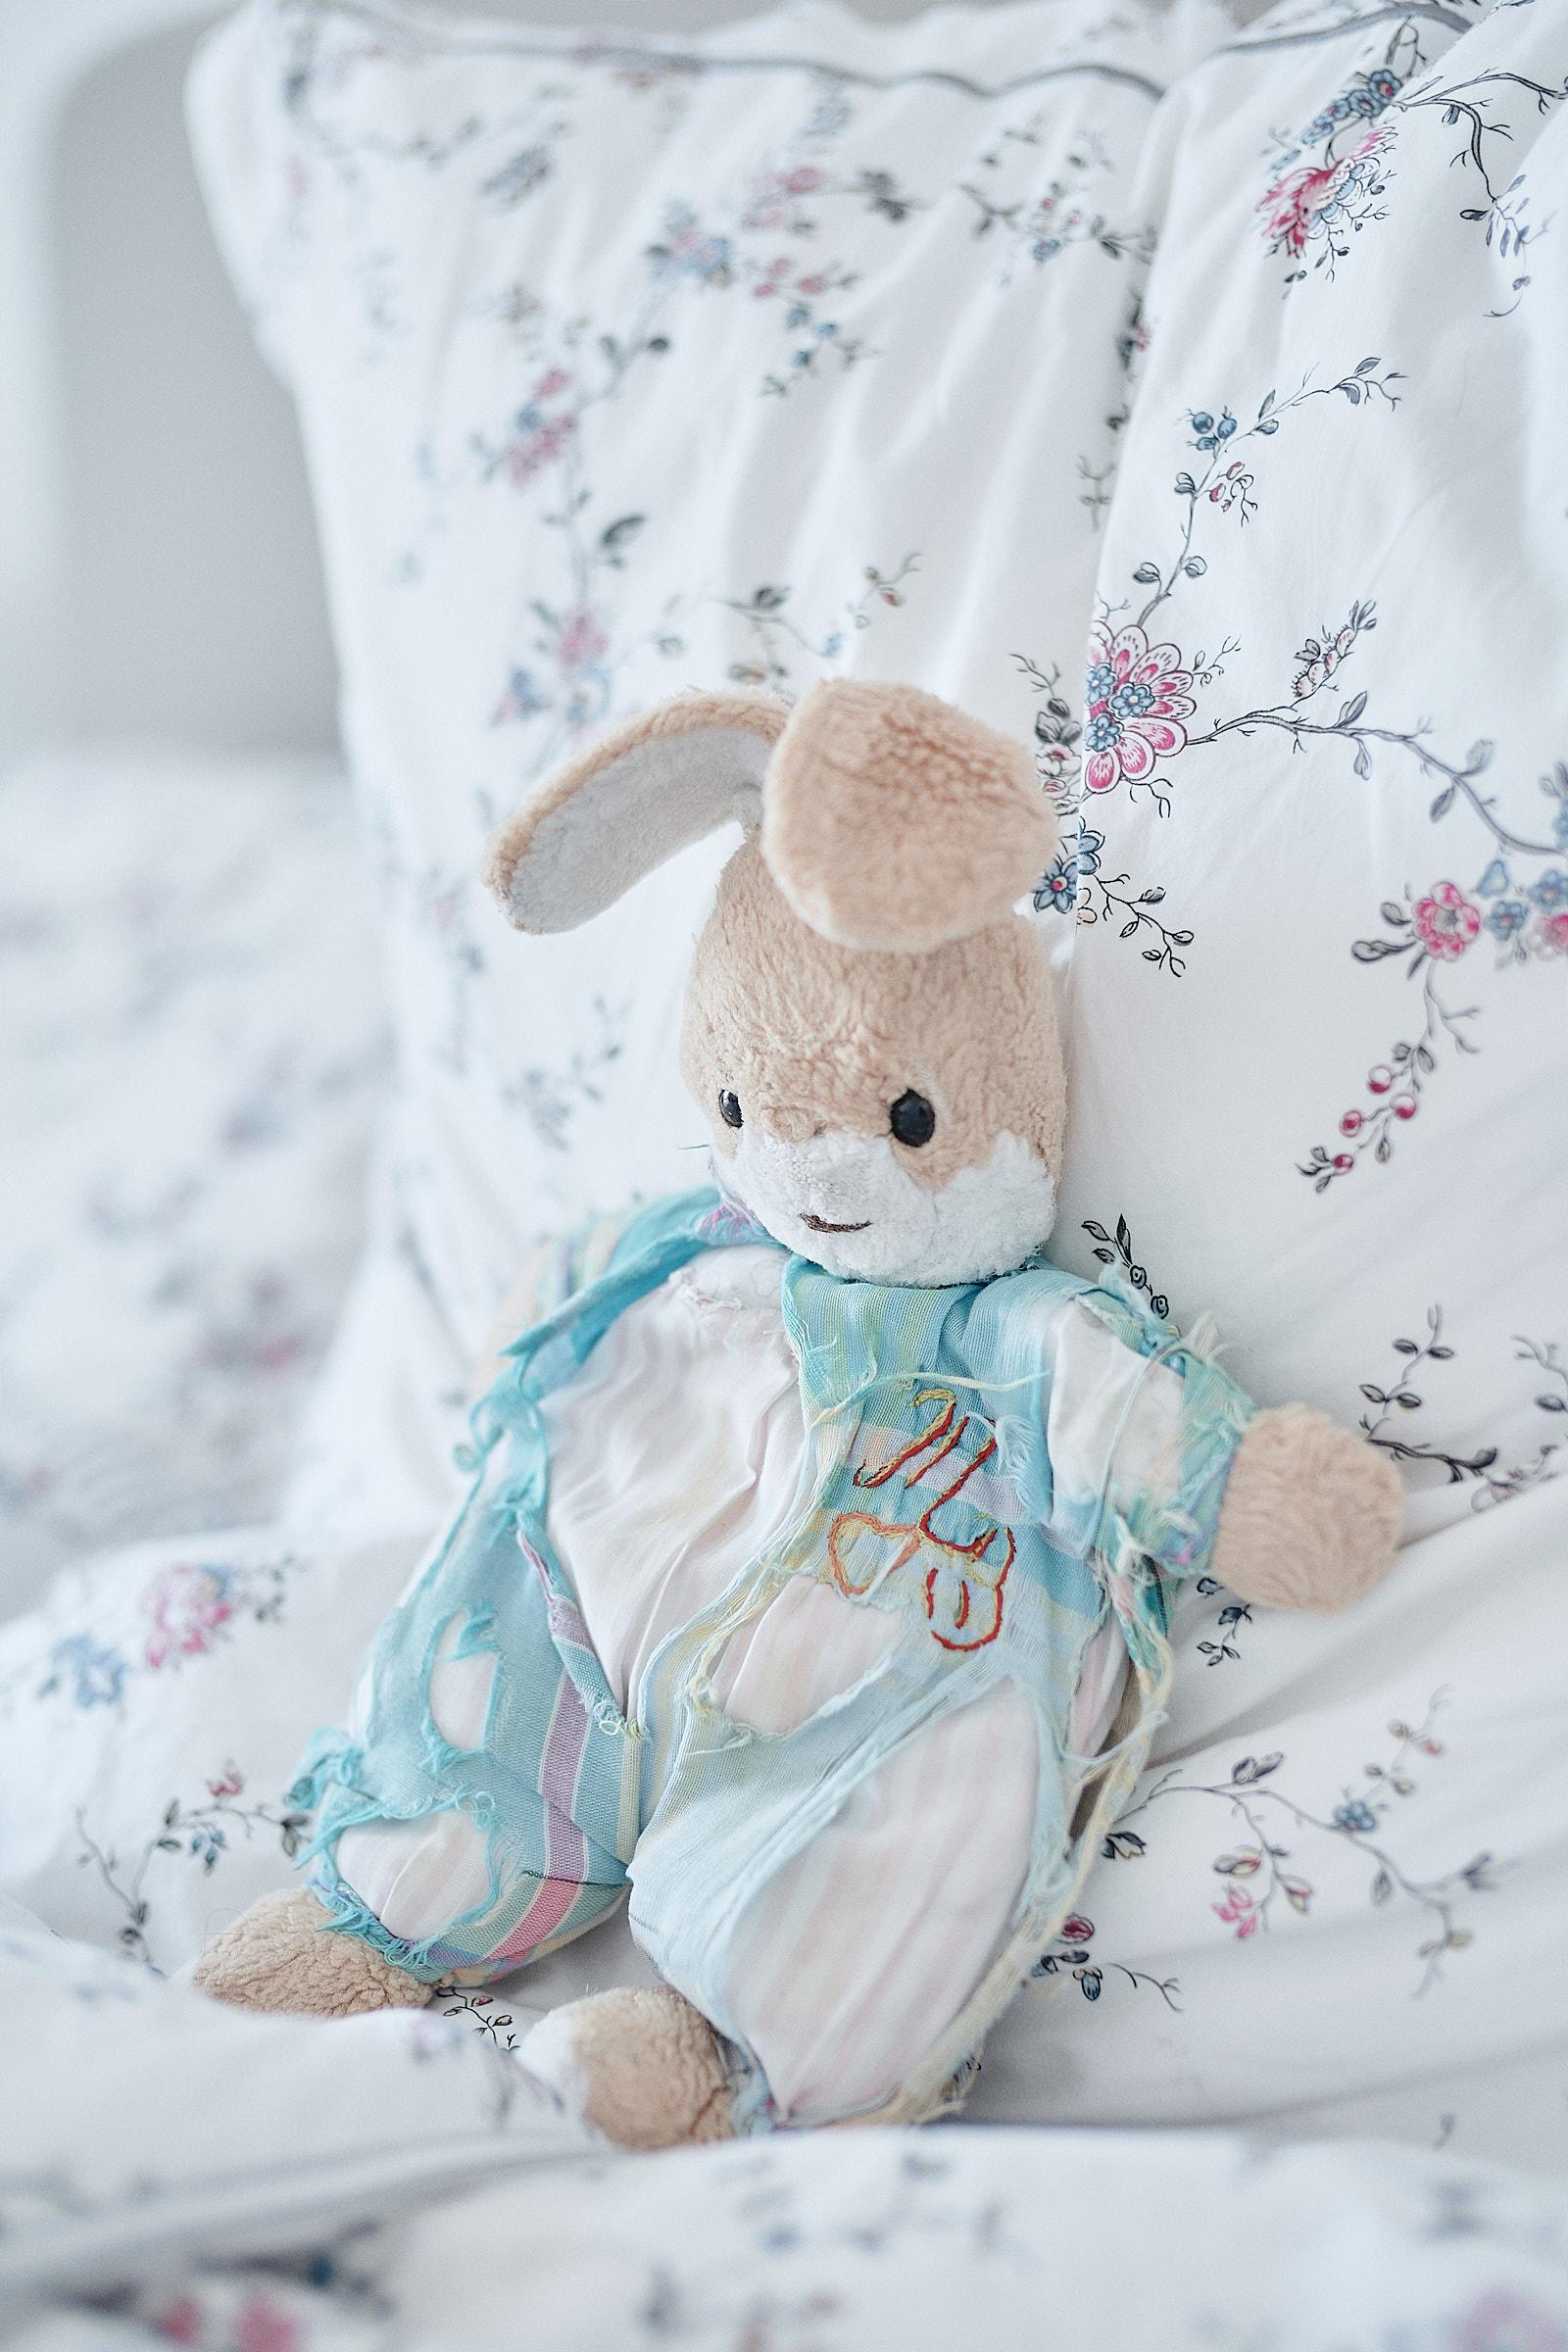 doudou posé sur le lit pendant les préparatifs